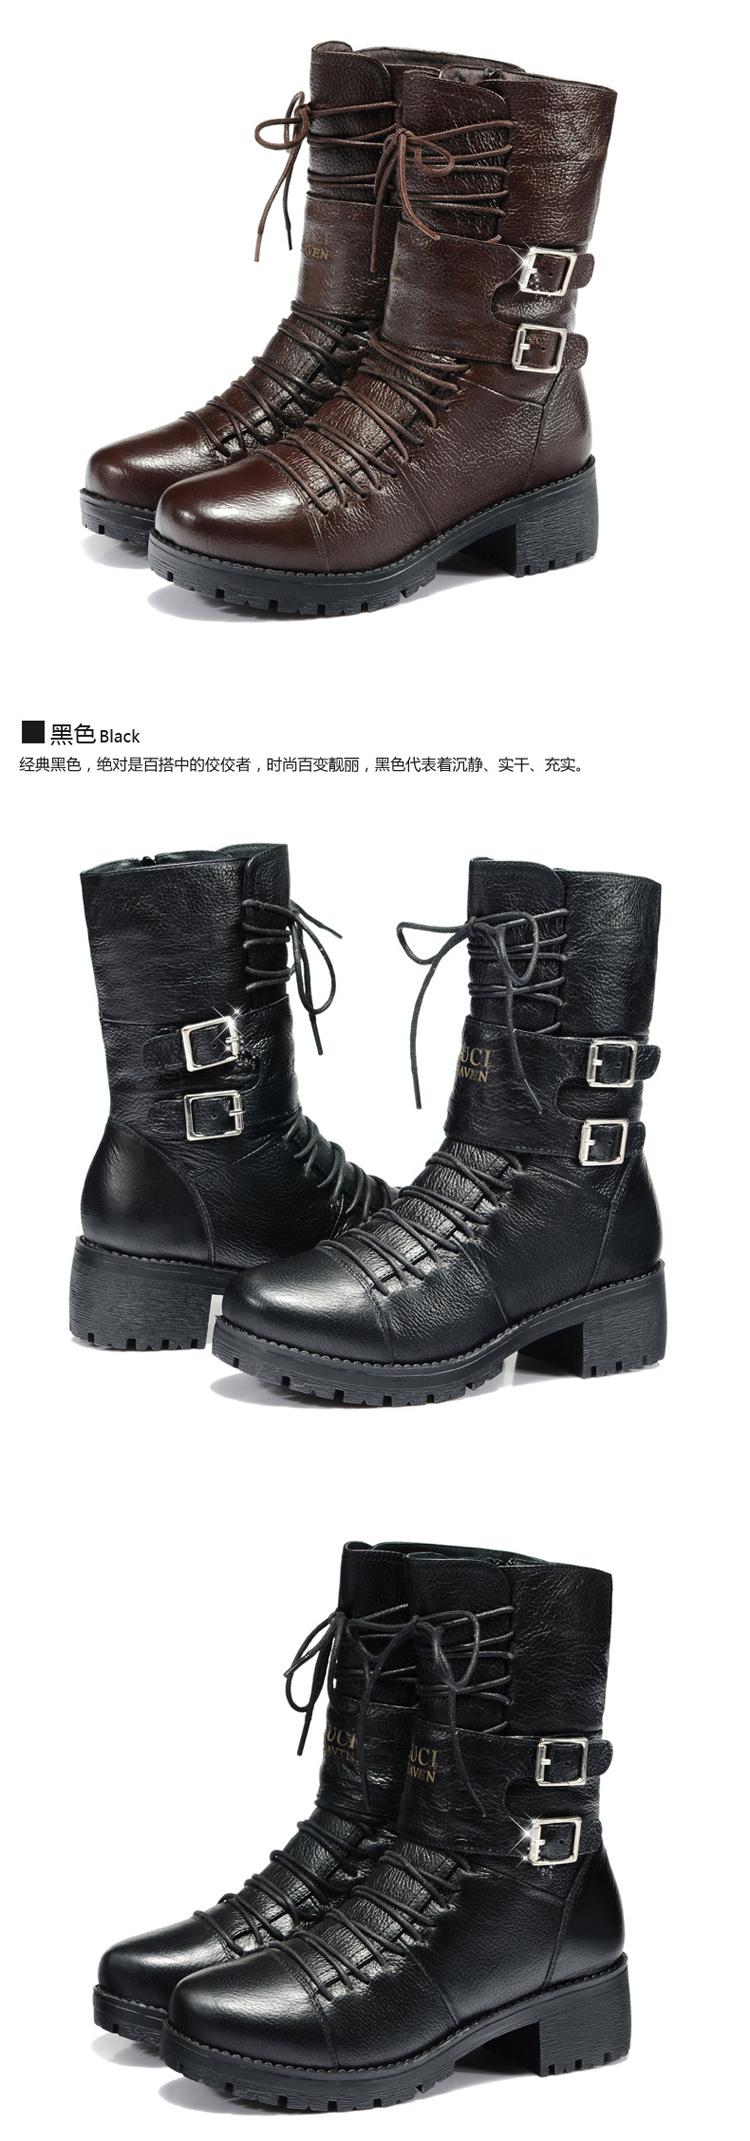 流马丁靴保暖女鞋子7808